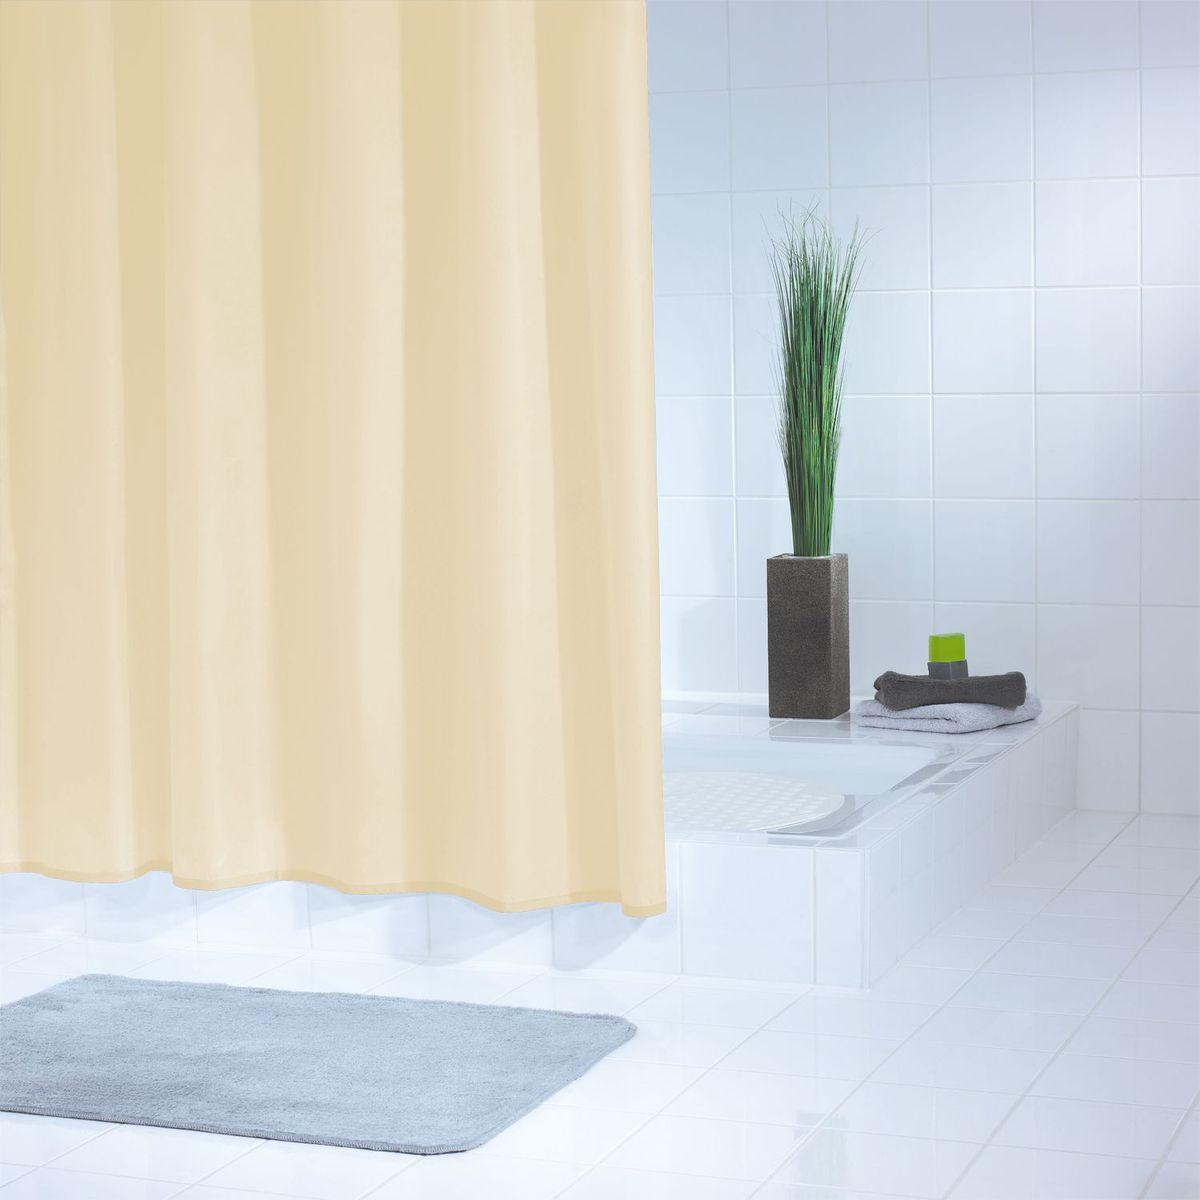 Штора для ванной комнаты Ridder  Standard , цвет: бежевый, коричневый, 240 х 180 см - Шторки, кольца и карнизы для ванной